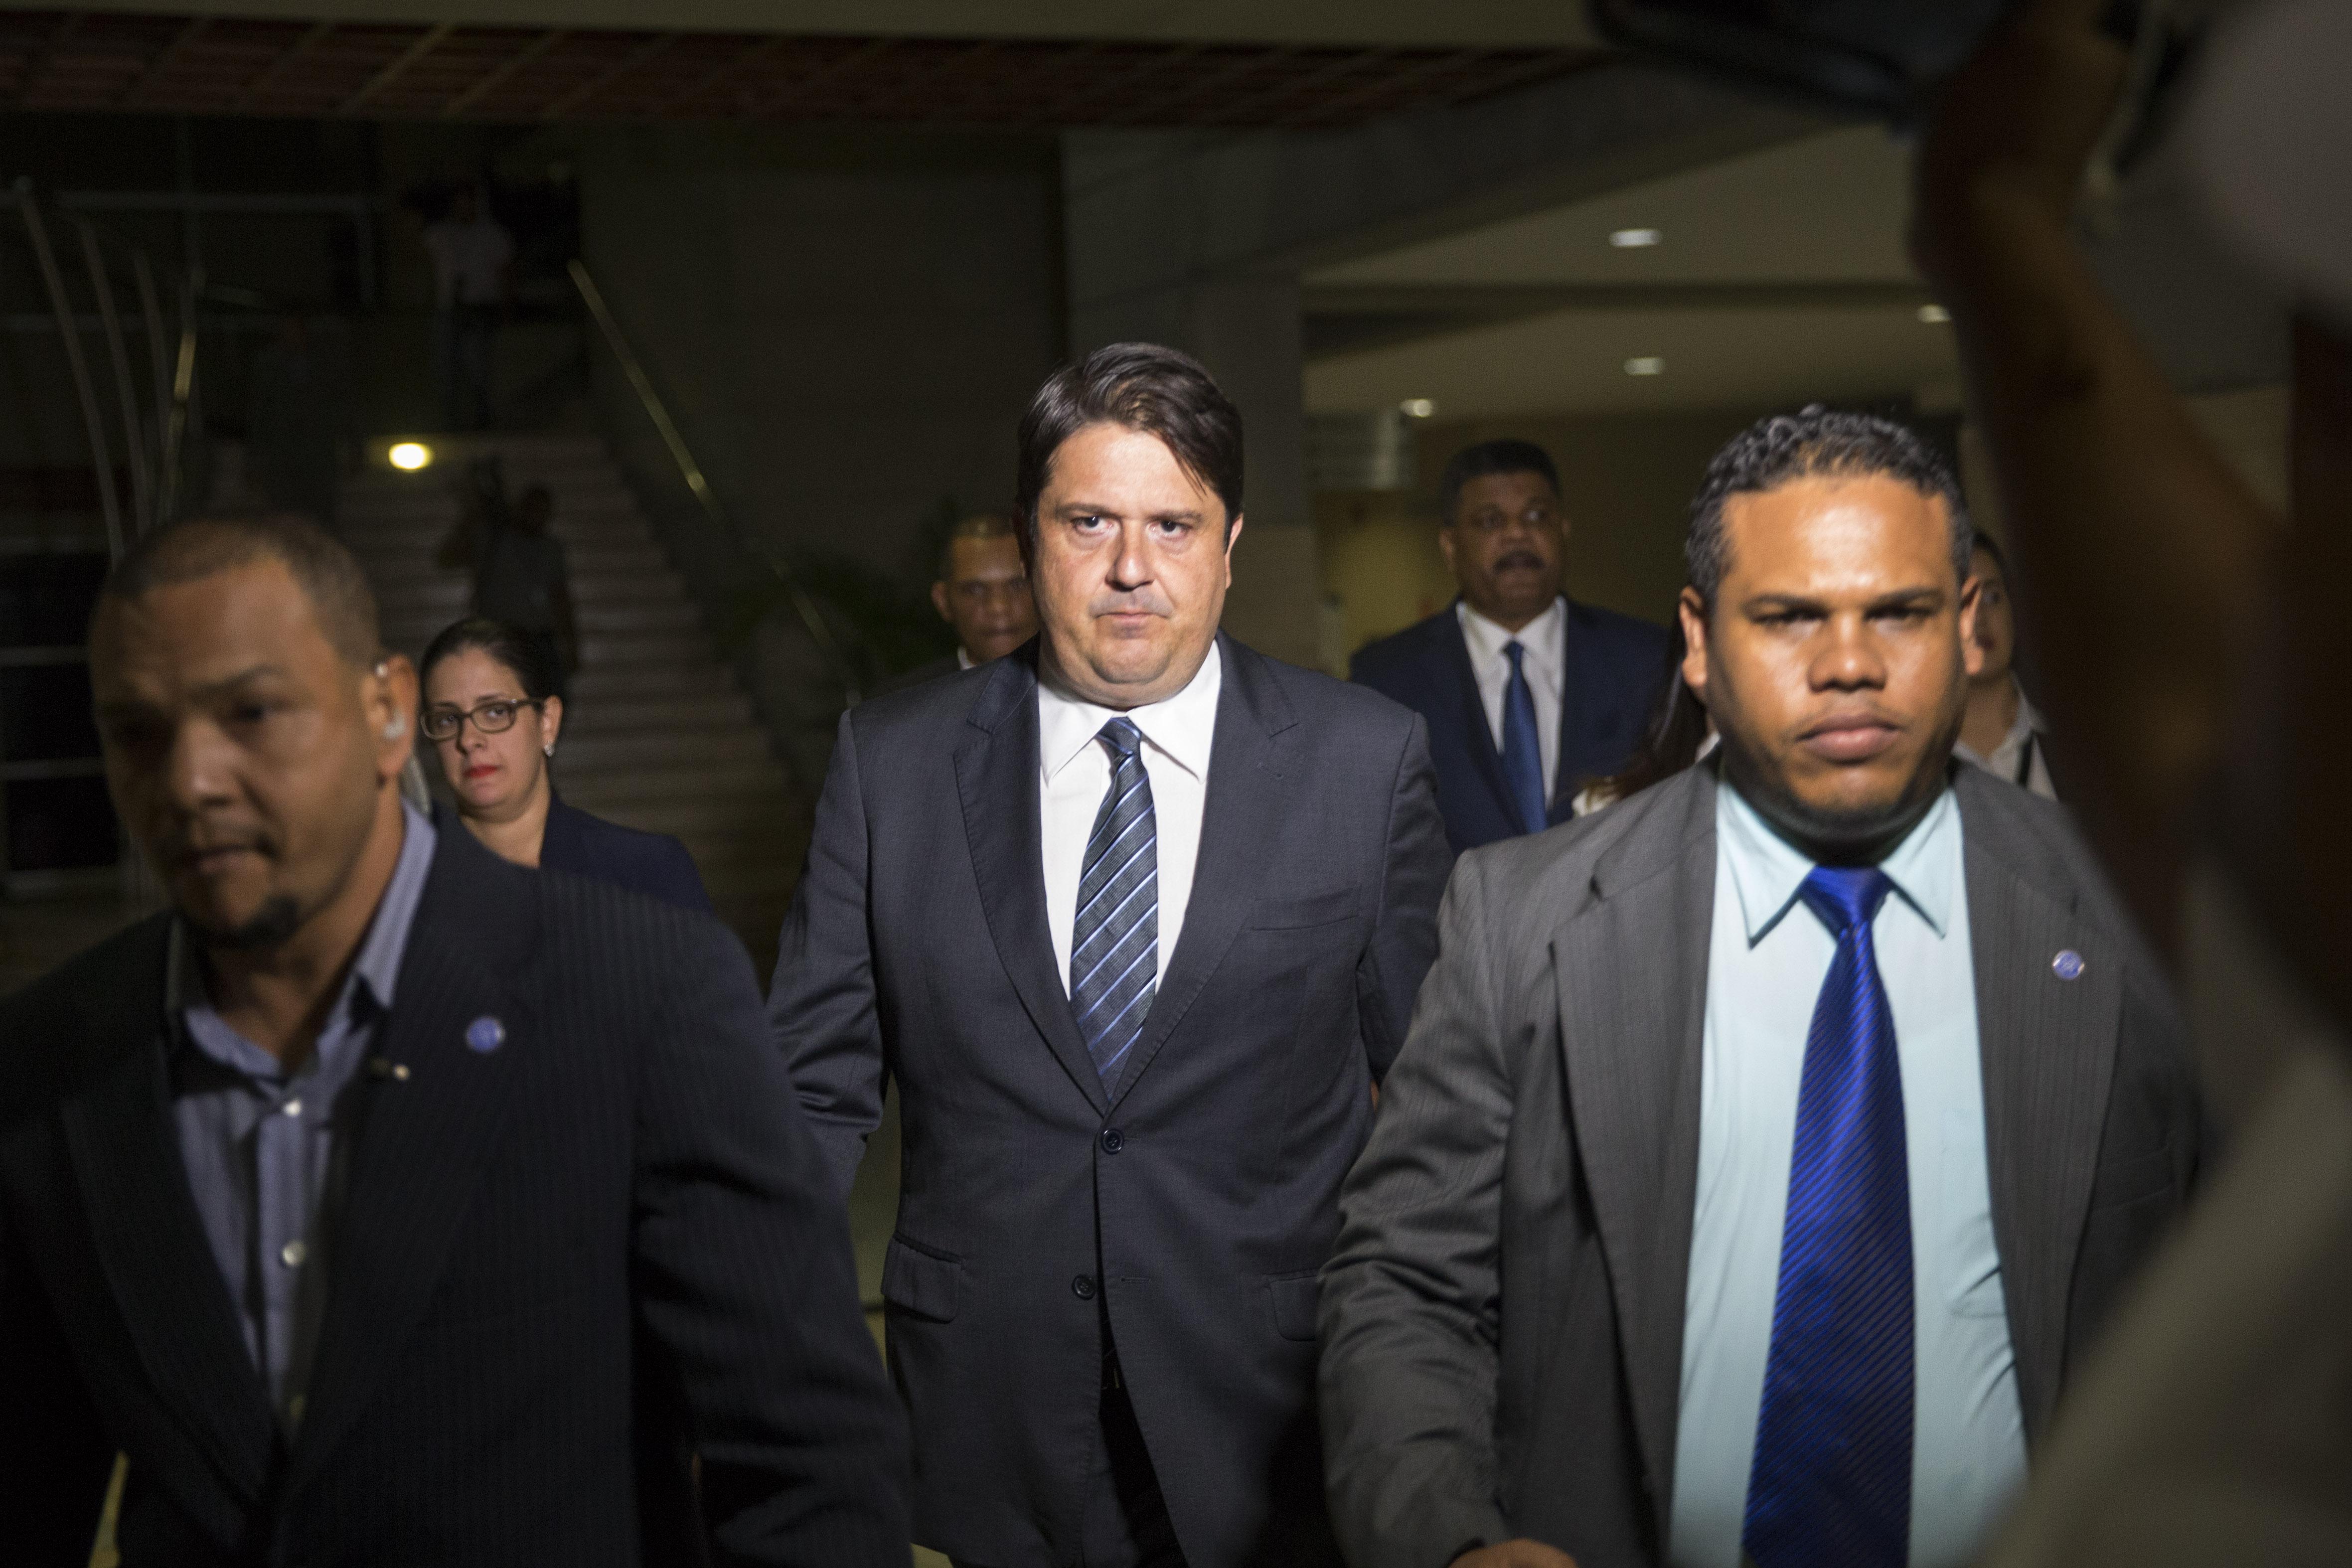 Imagen del 10 de enero en la que se ve a Marcelo Hofke (c), gerente comercial de Odebrecht en República Dominicana, al dejar el despacho del procurador general en ese país caribeño. (Crédito: ERIKA SANTELICES/AFP/Getty Images)